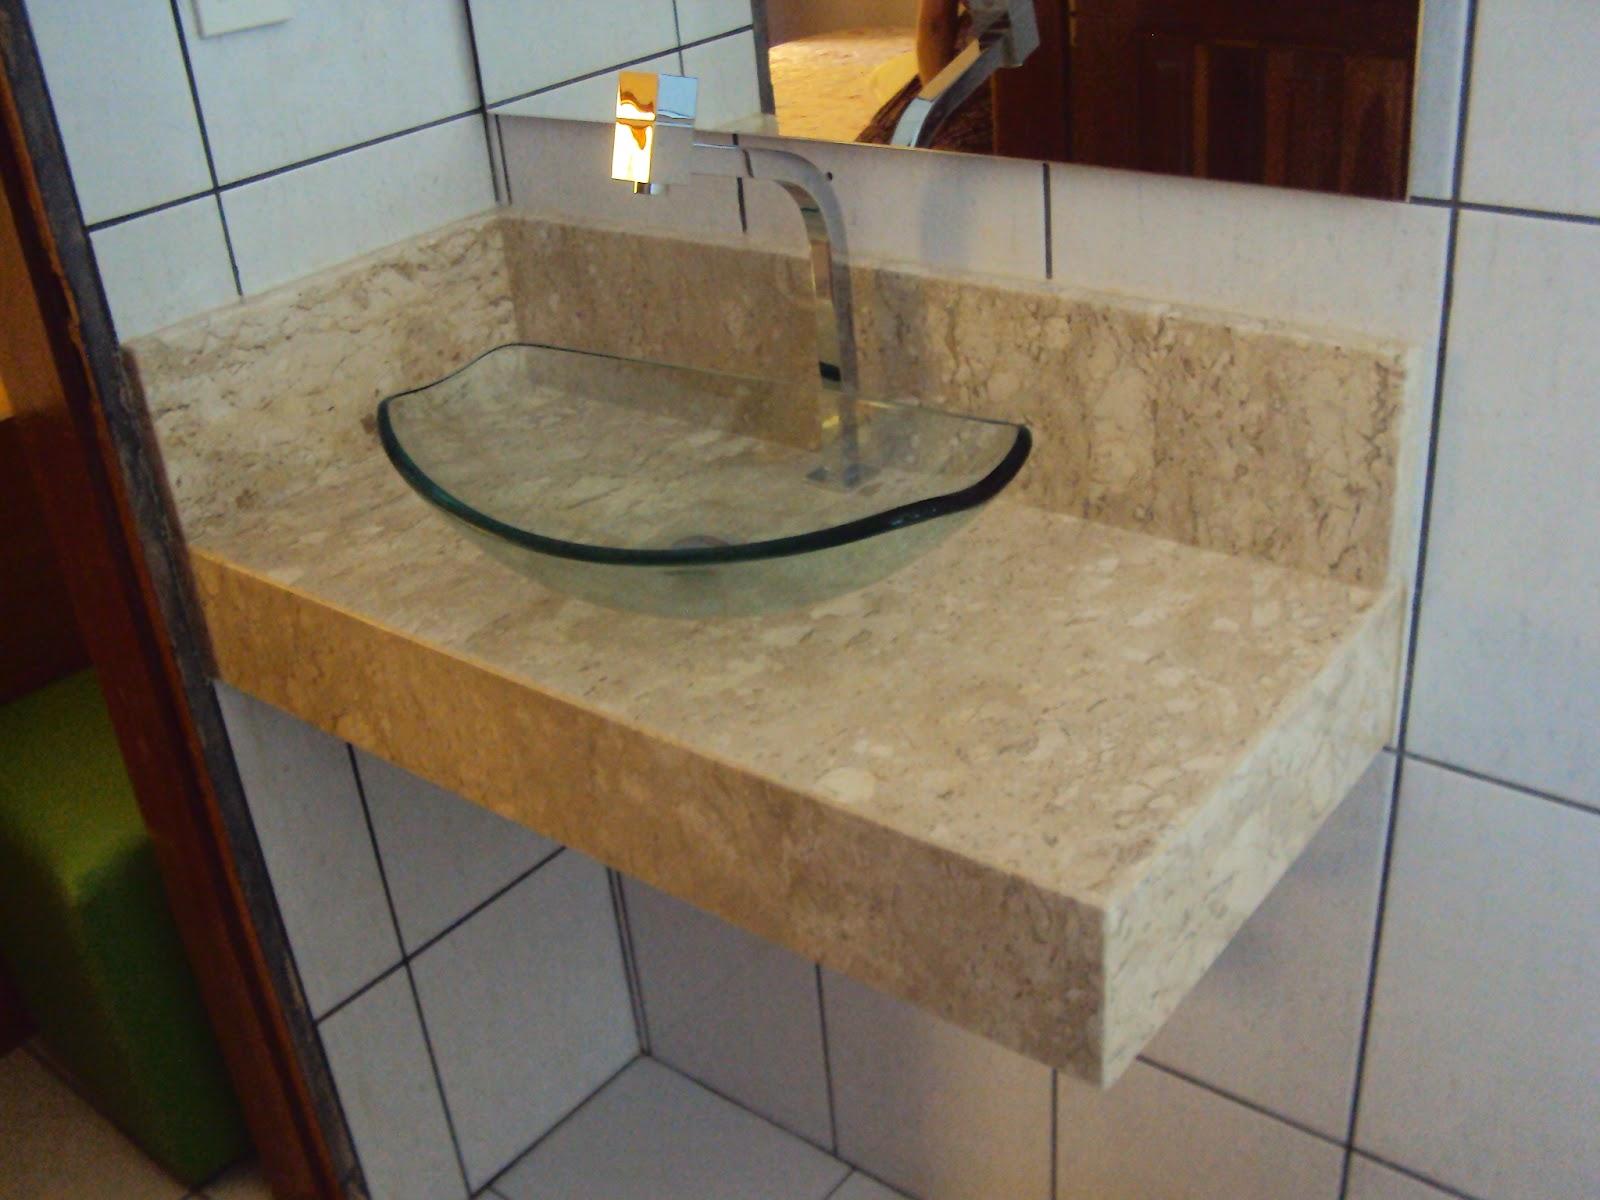 Lindo Lavatório em Mármore Bege Bahia combinação perfeita com cuba  #68492D 1600 1200